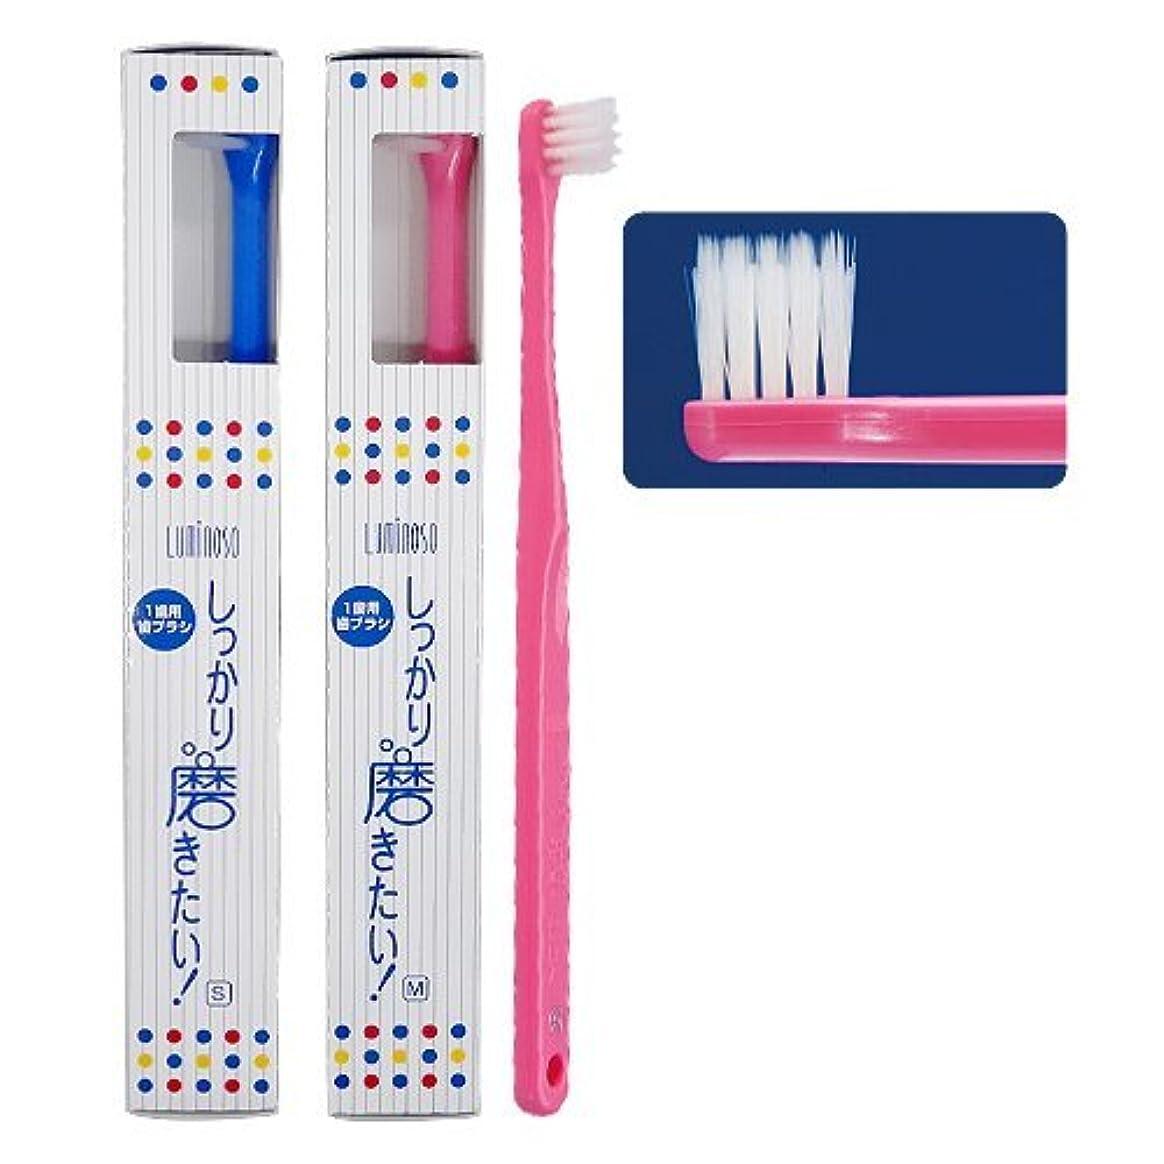 ピクニックをする美徳校長ルミノソ 1歯用歯ブラシ「しっかり磨きたい!」スタンダード ソフト (カラー指定不可) 10本